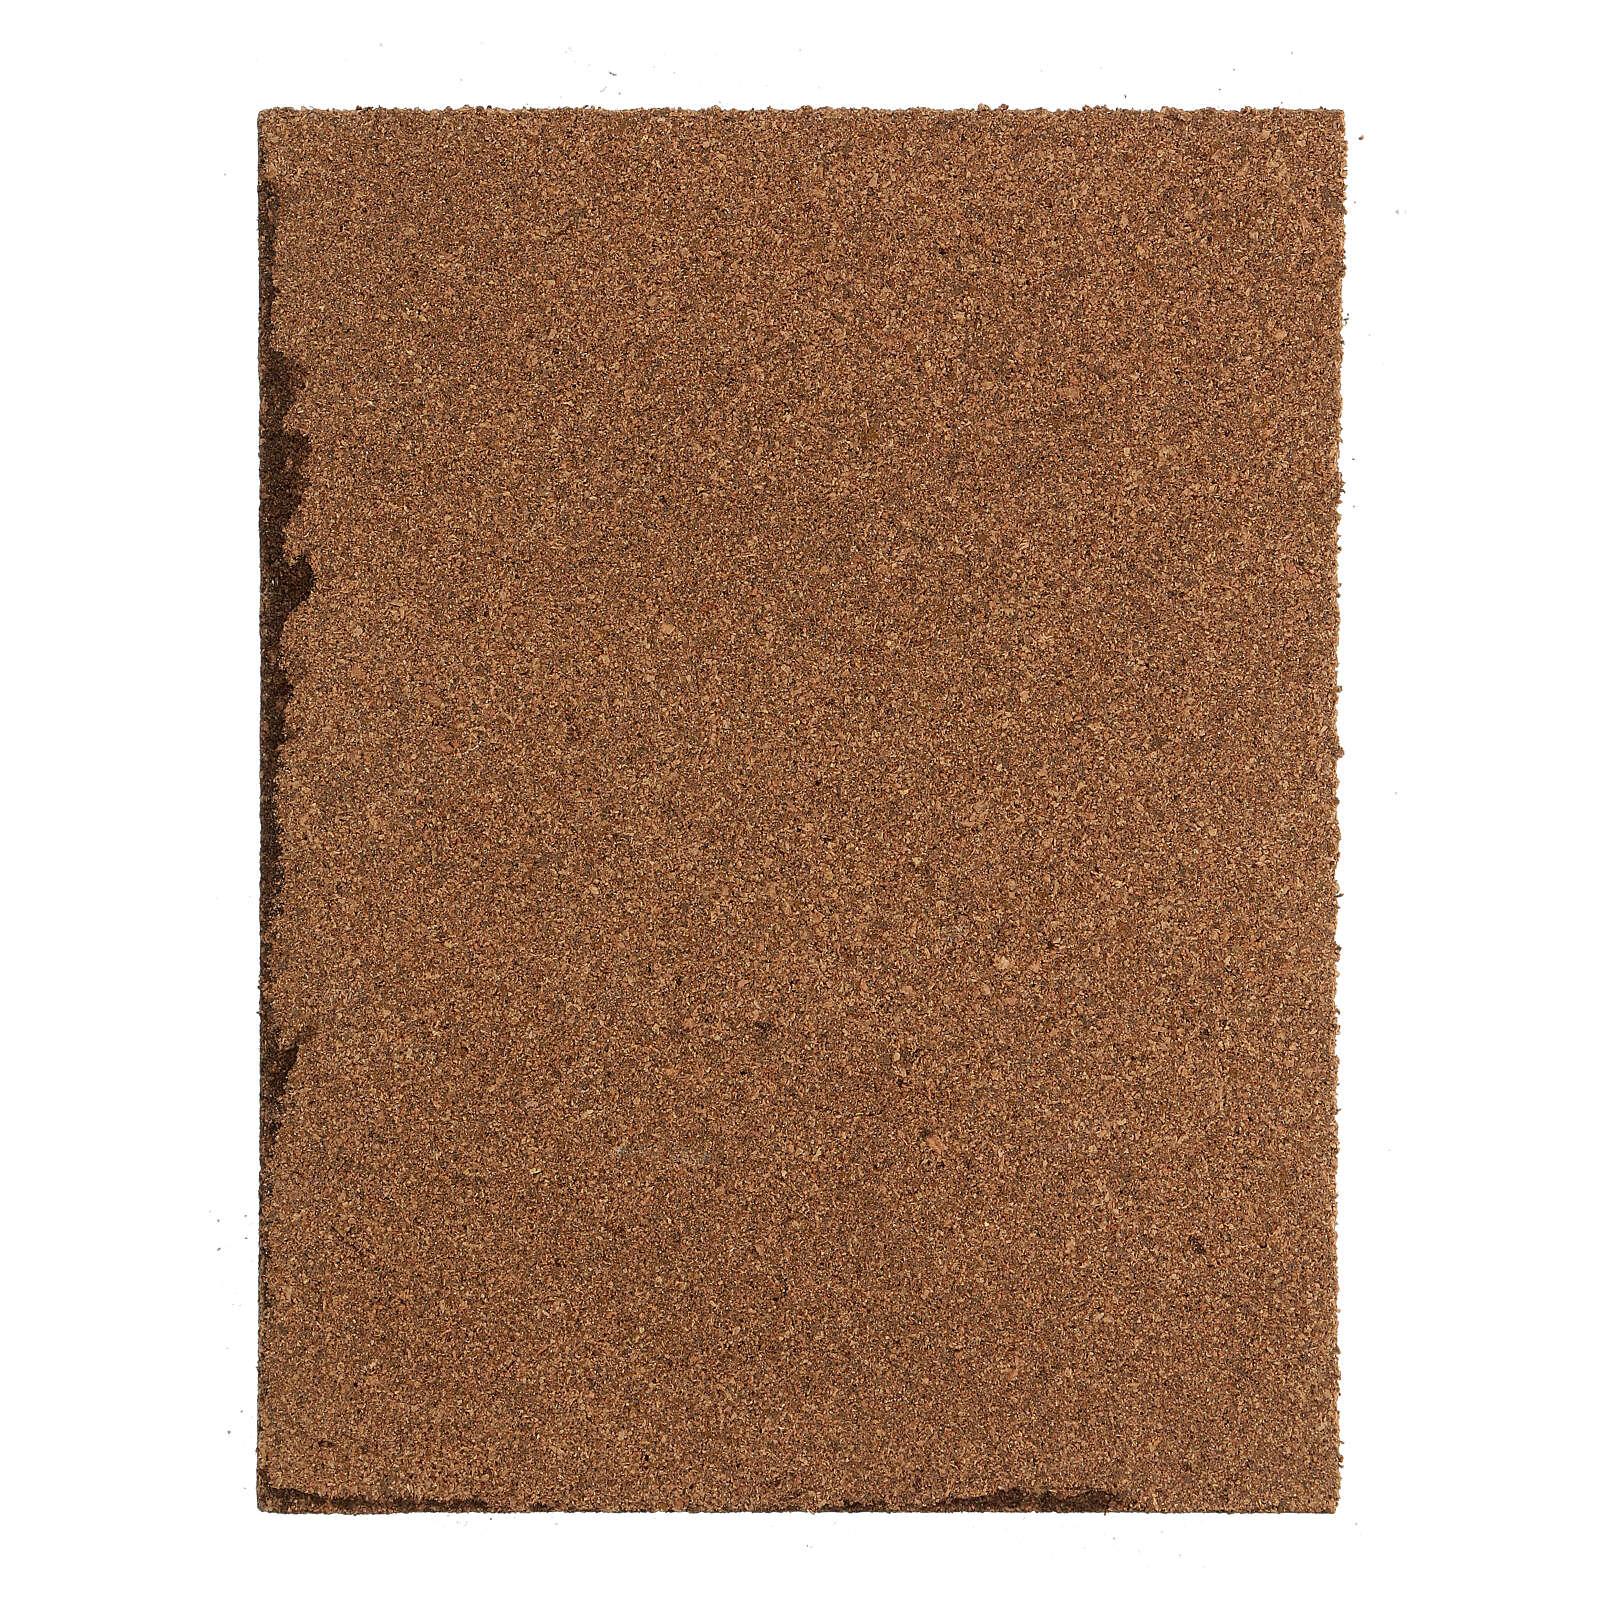 Suelo adoquines grises panel corcho belén 35x25x1 cm 4